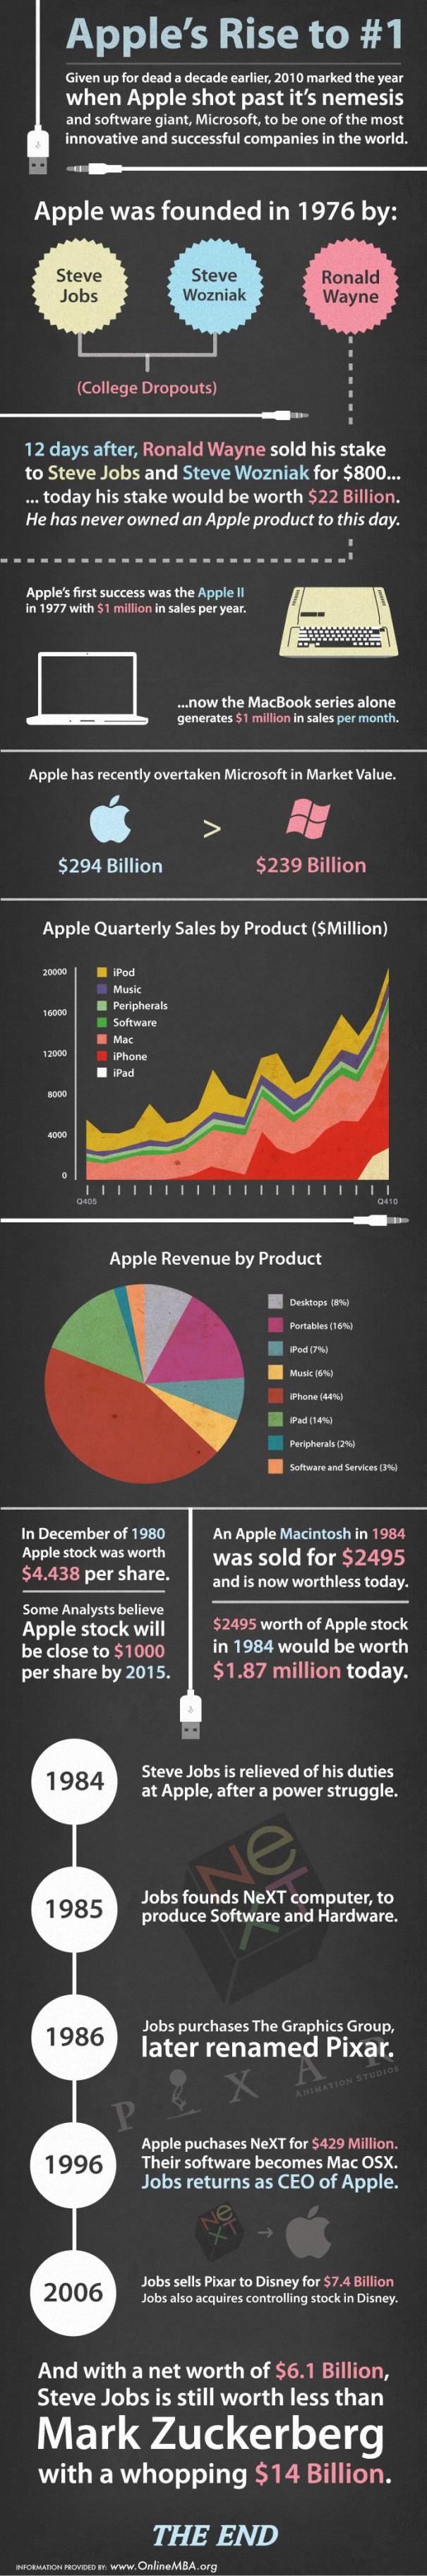 L'évolution d'Apple